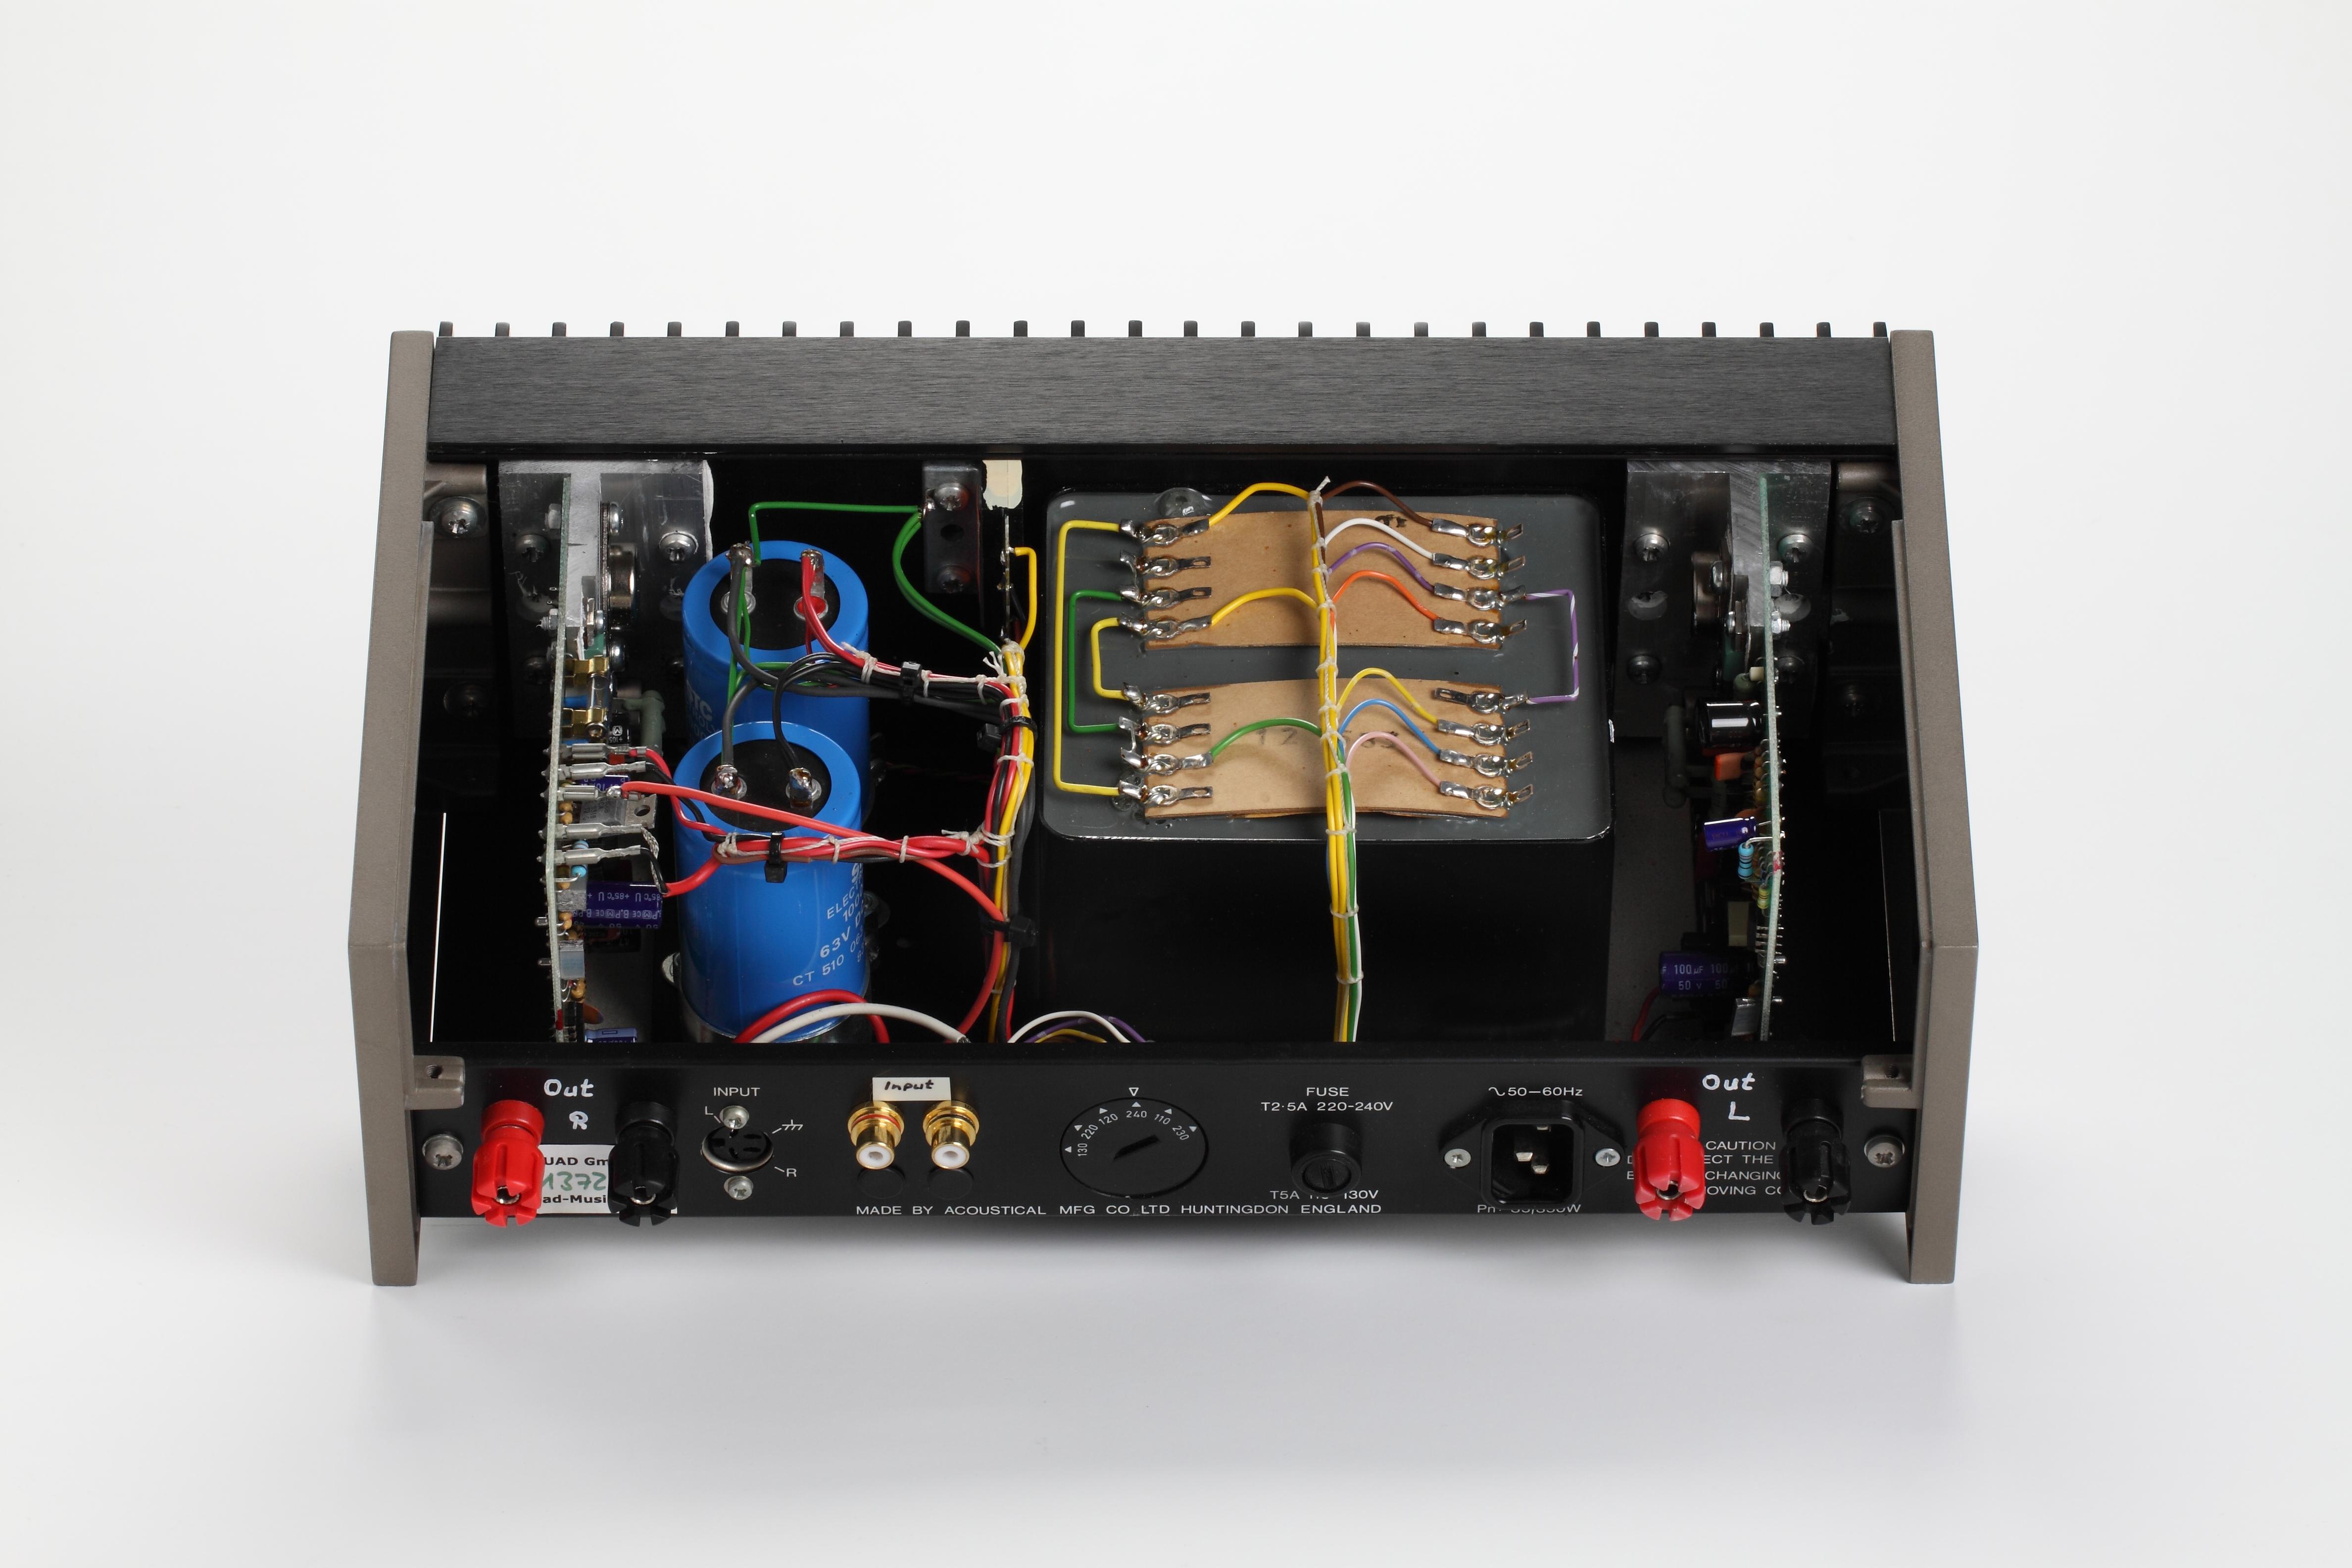 File:Quad-405 Endverstärker Innenansicht jpg - Wikimedia Commons